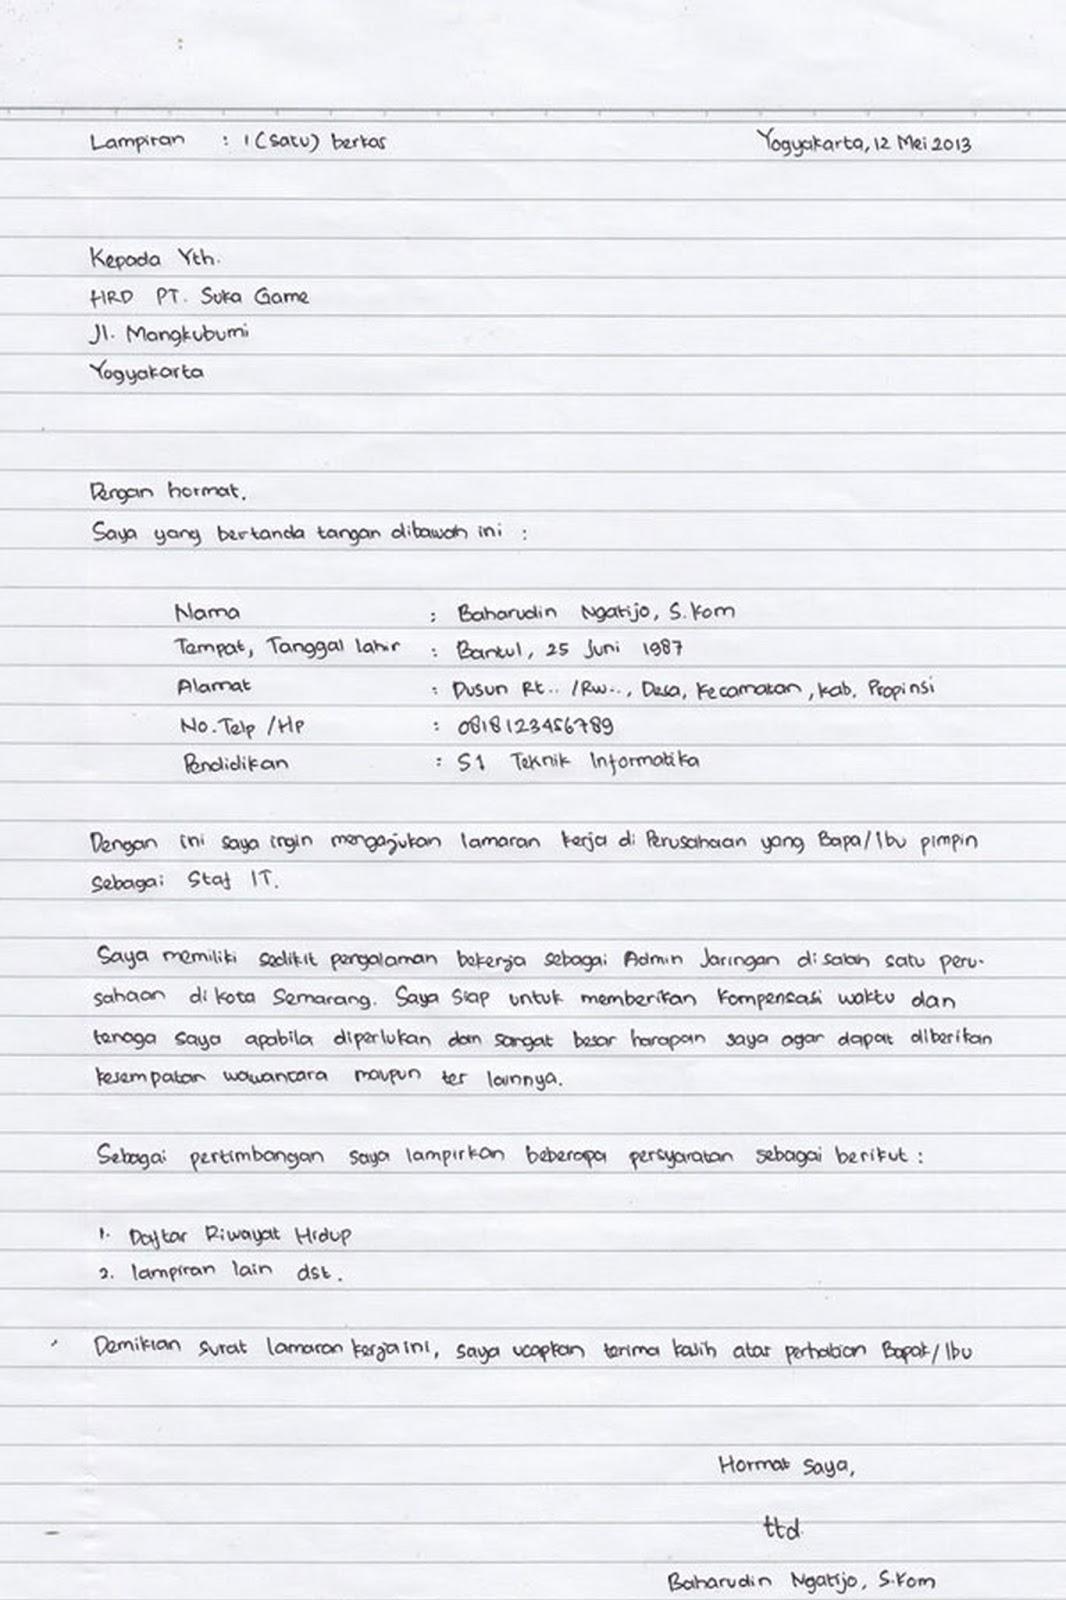 Contoh Surat Lamaran Kerja Tulisan Tangan Yang Baik Dan Benar